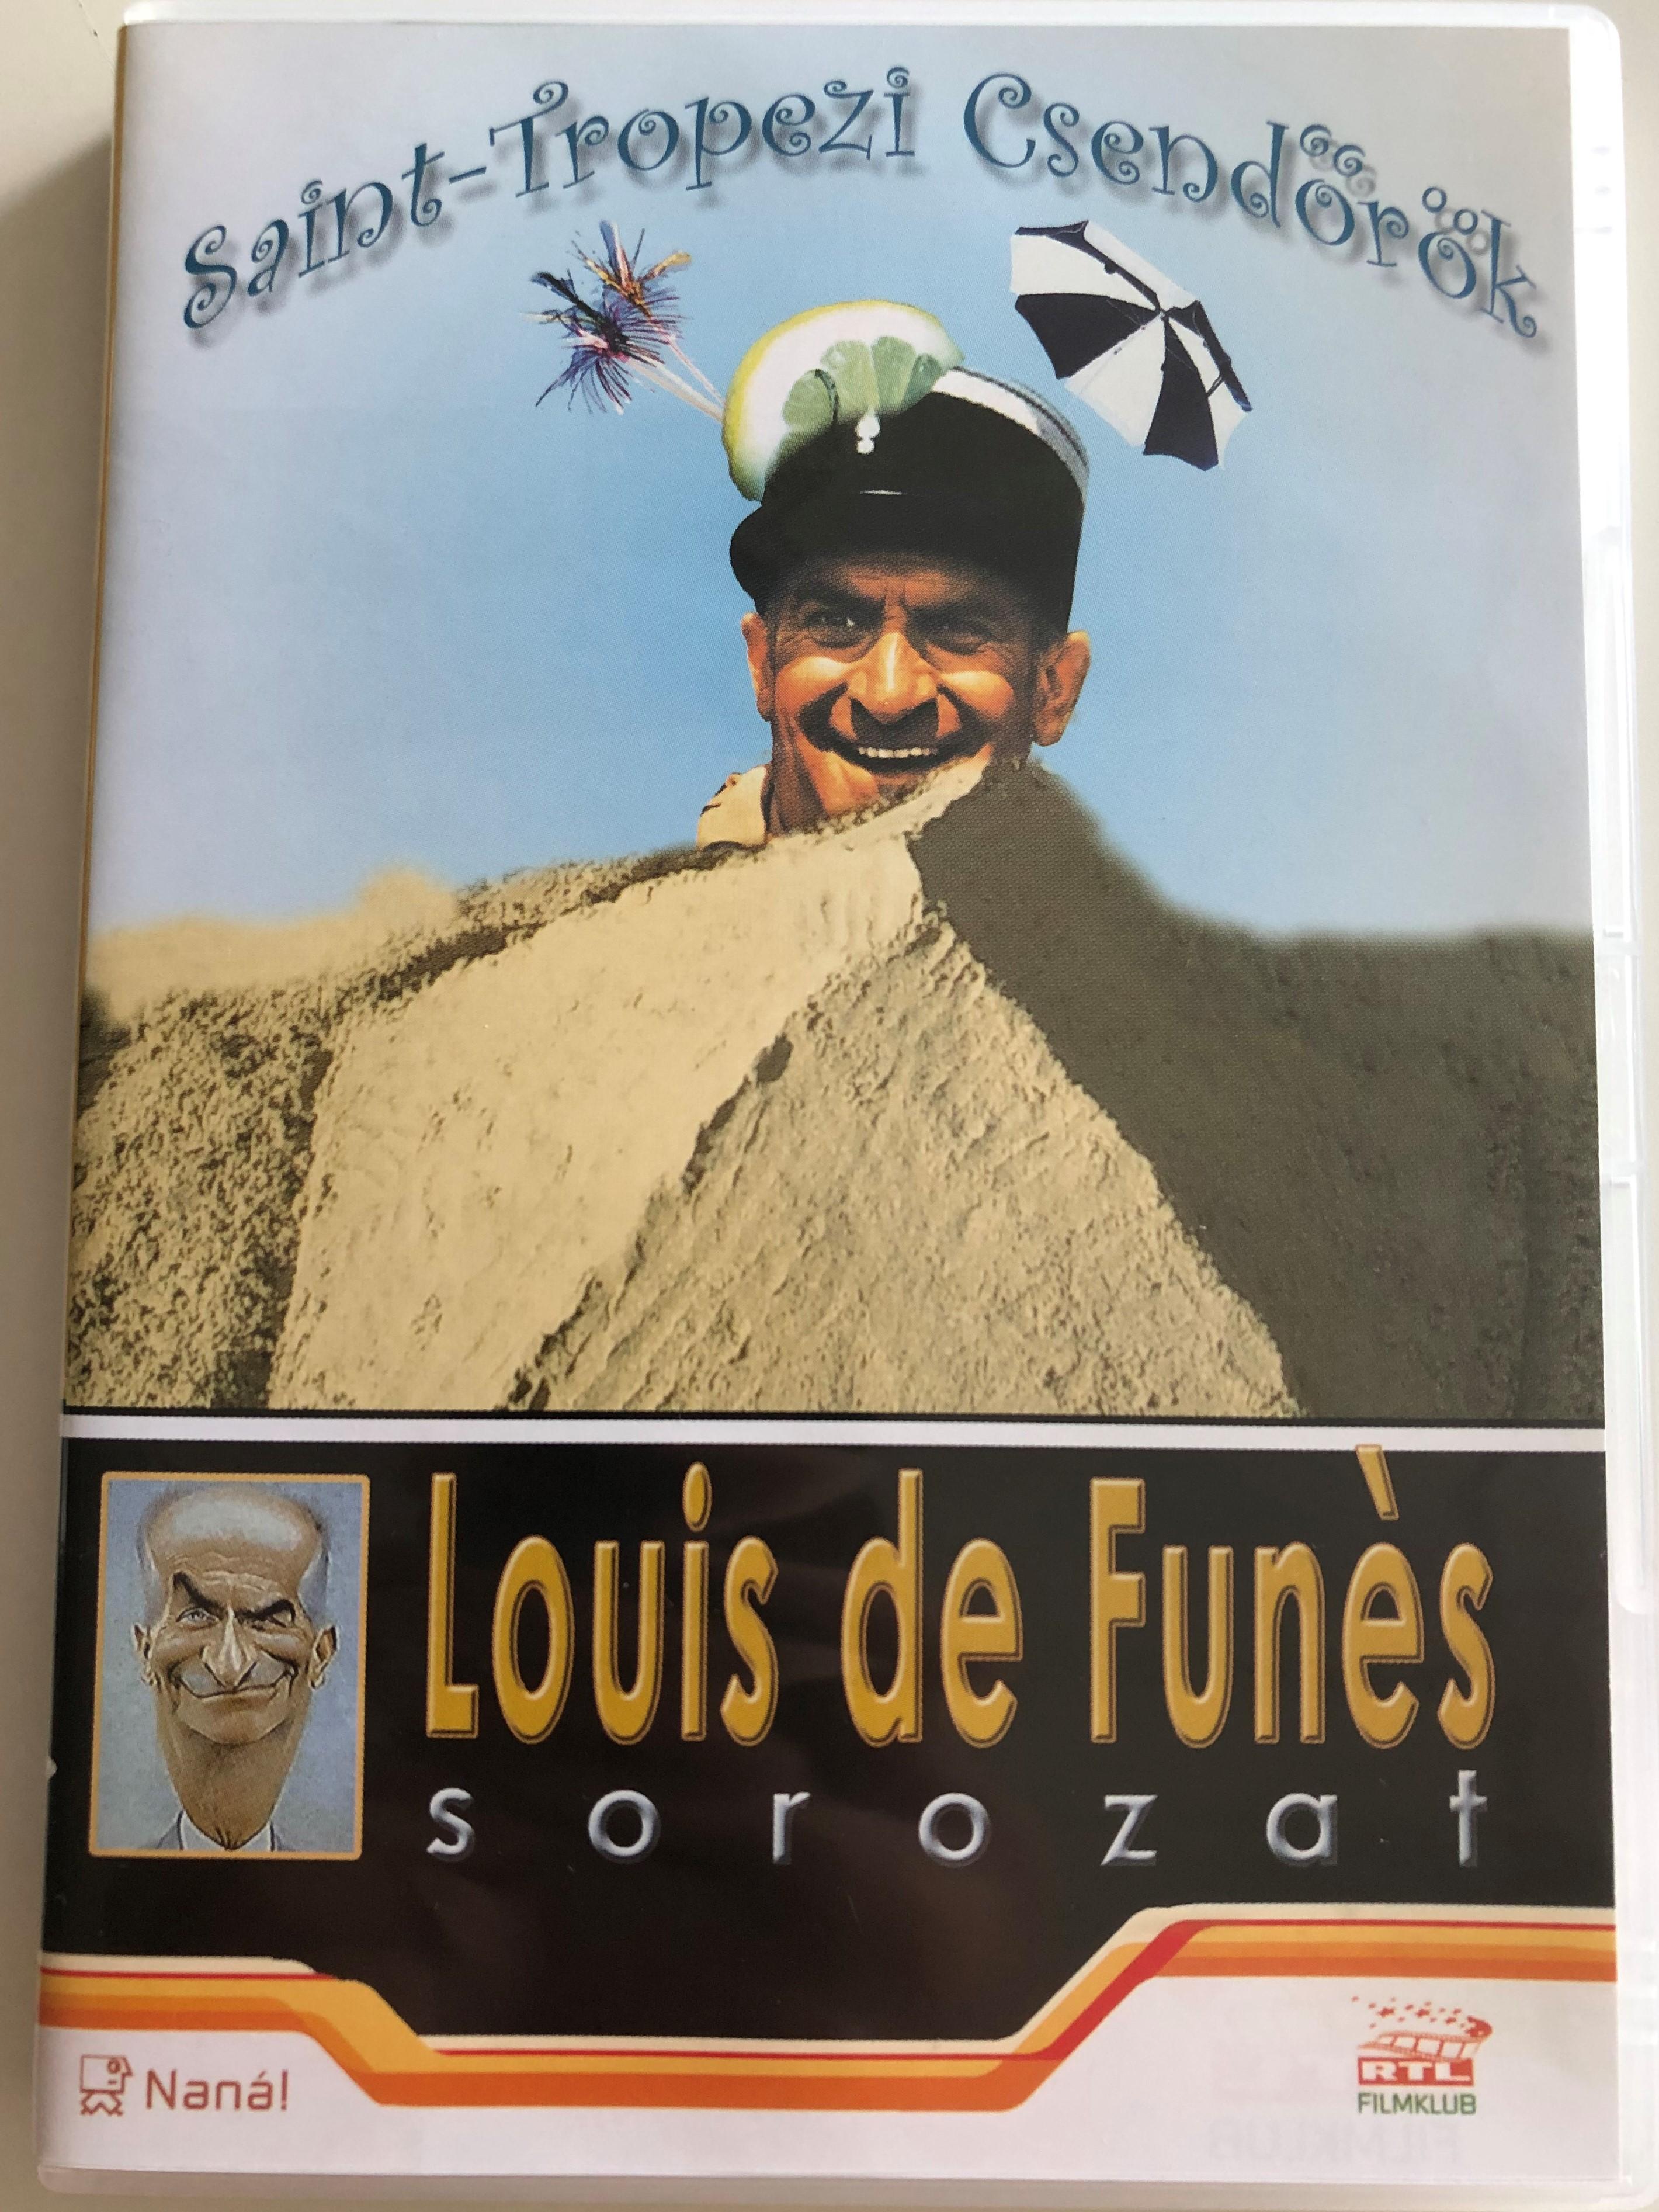 -saint-tropezi-csend-r-k-dvd-1964-le-gendarme-de-st.-tropez-the-troops-of-st.-tropez-directed-by-jean-girault-starring-louis-de-fun-s-genevi-ve-grad-michel-galabru-jean-lefebvre-christian-marin-louis-de-fun-s-soroza-1-.jpg